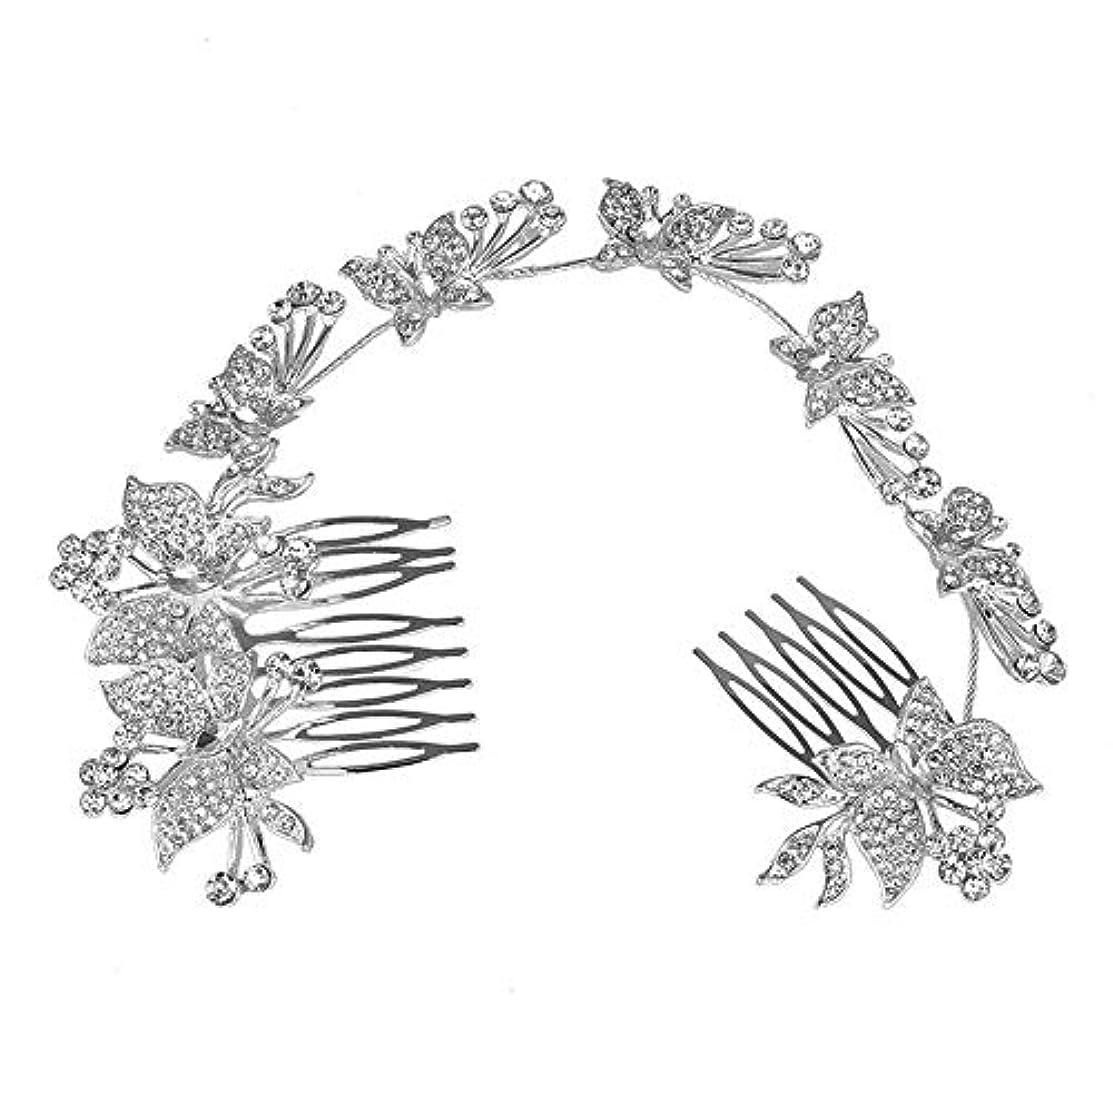 深さウィザード強度髪の櫛、櫛、蝶、髪の櫛、ブライダル髪の櫛、結婚式の髪の櫛、ラインストーンの櫛、ヘッドギア